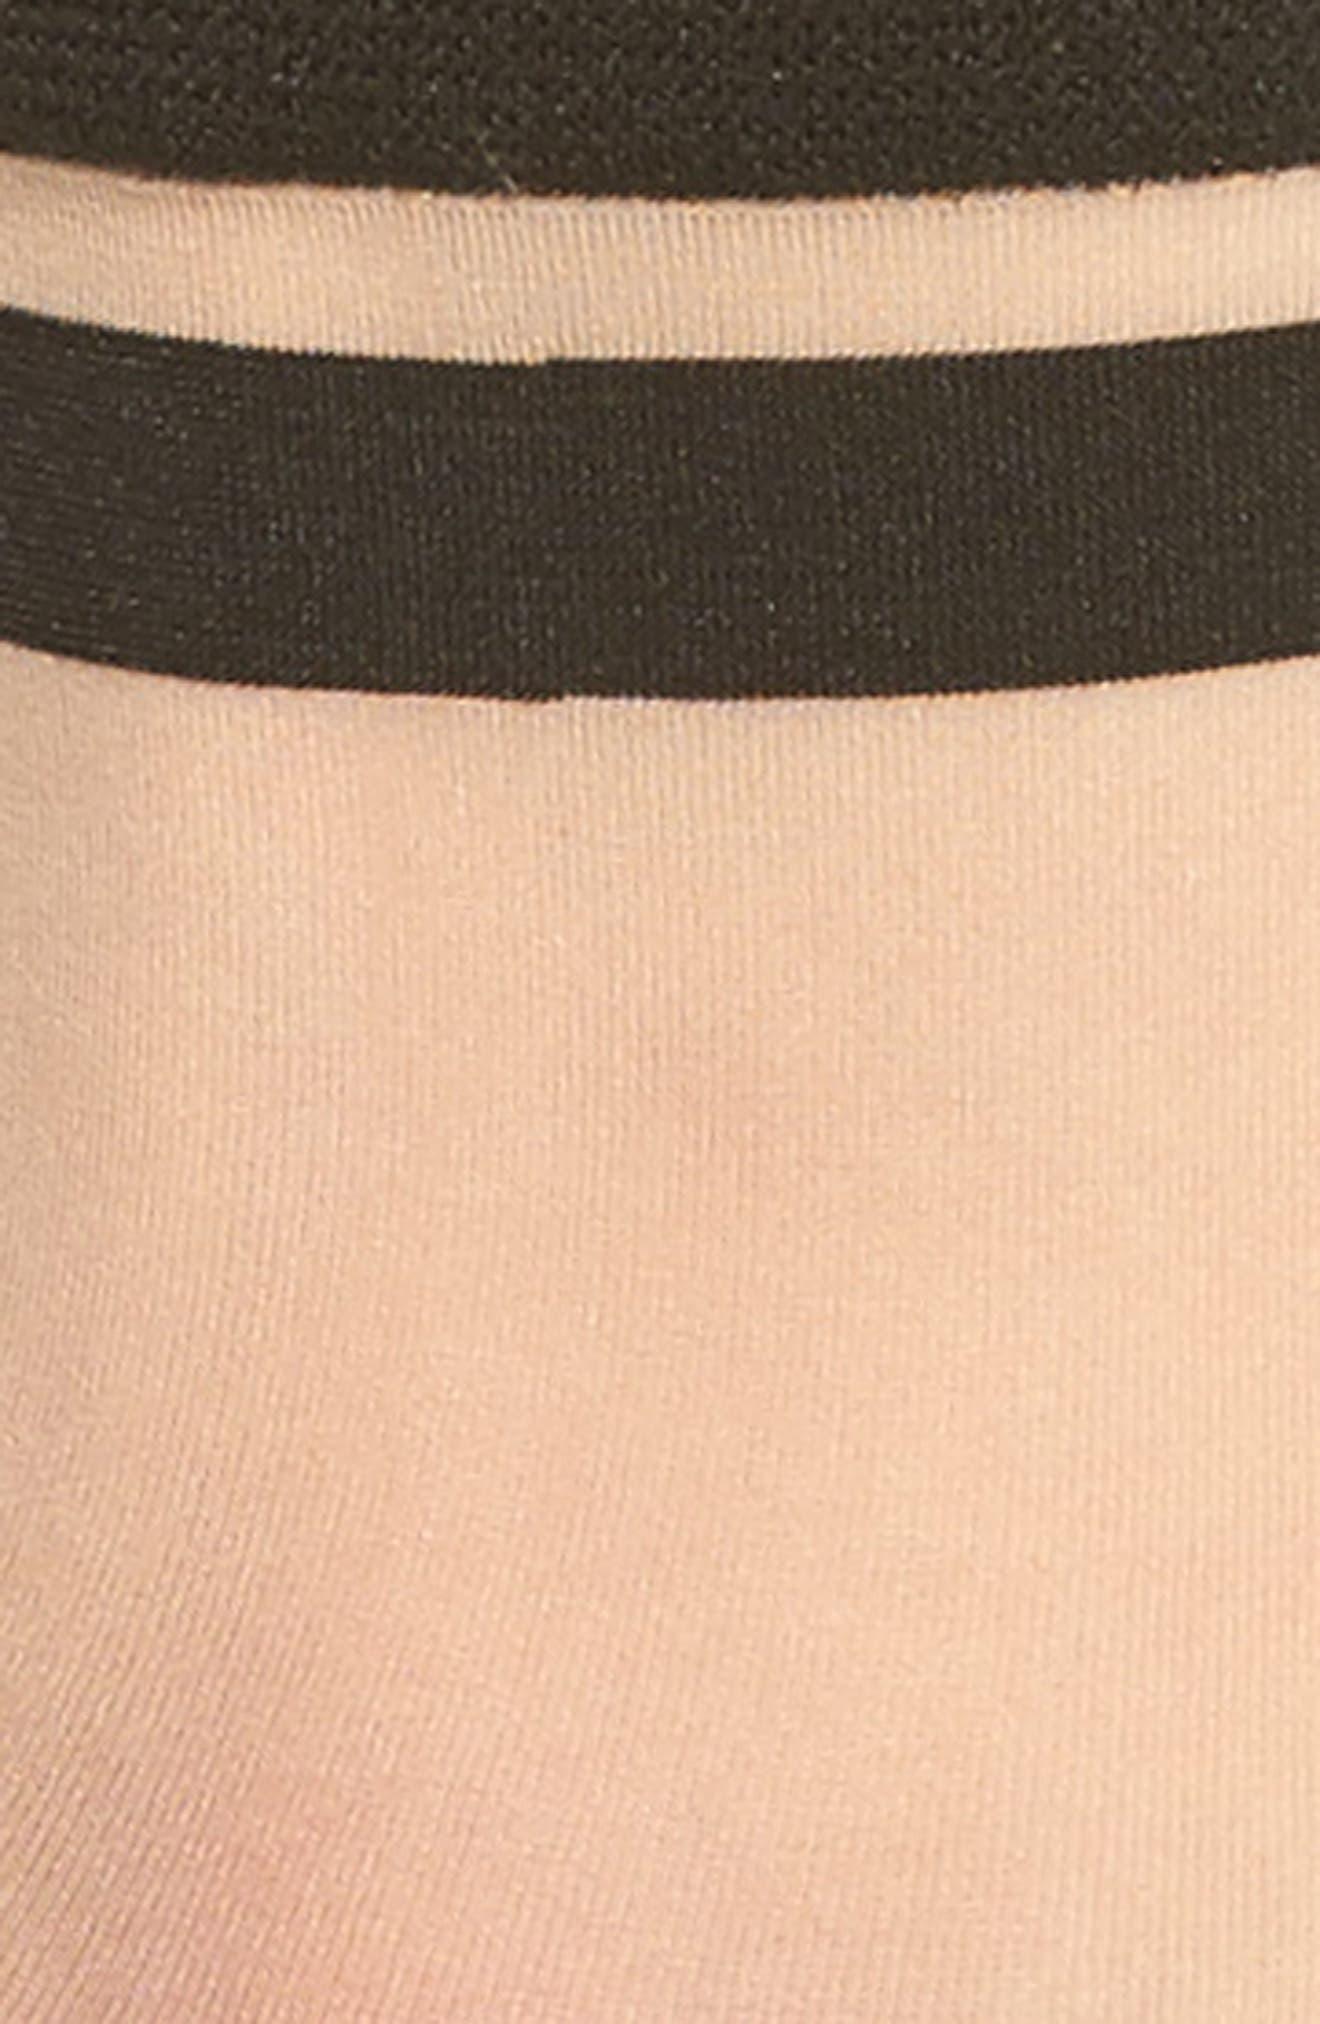 Alternate Image 2  - DKNY 2-Pack Sheer Ankle Socks